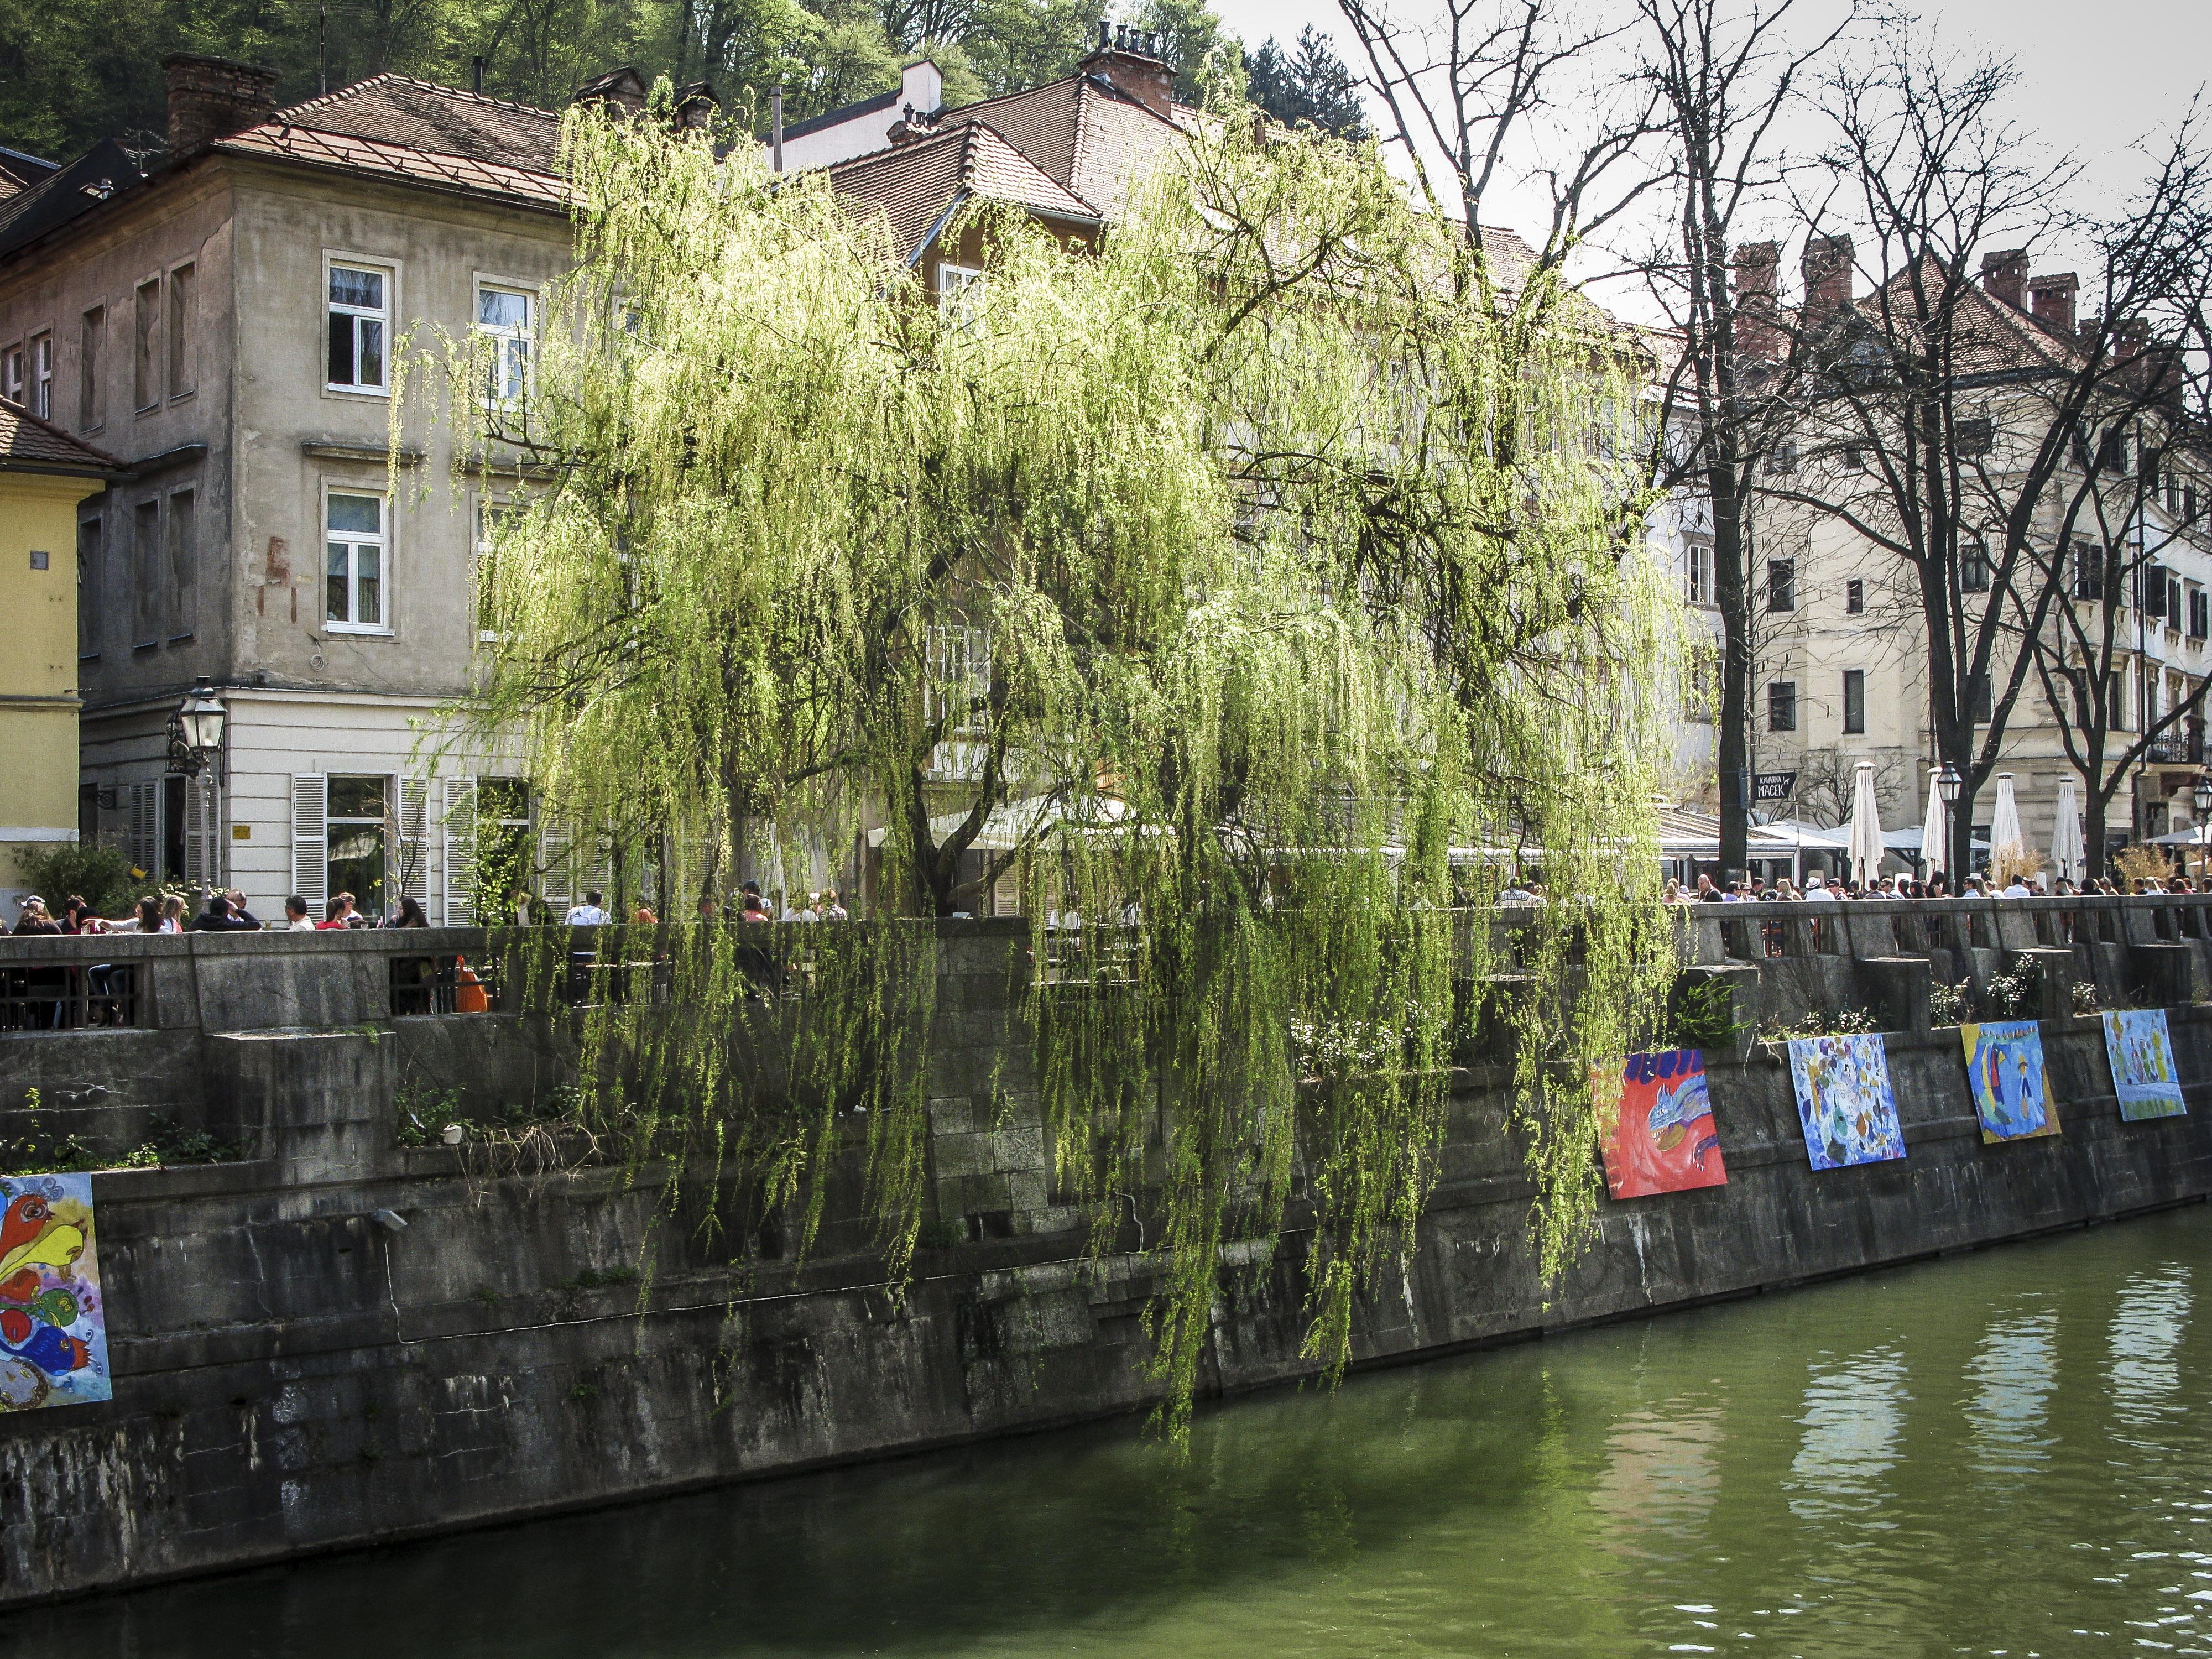 Installazioni artistiche a Lubiana